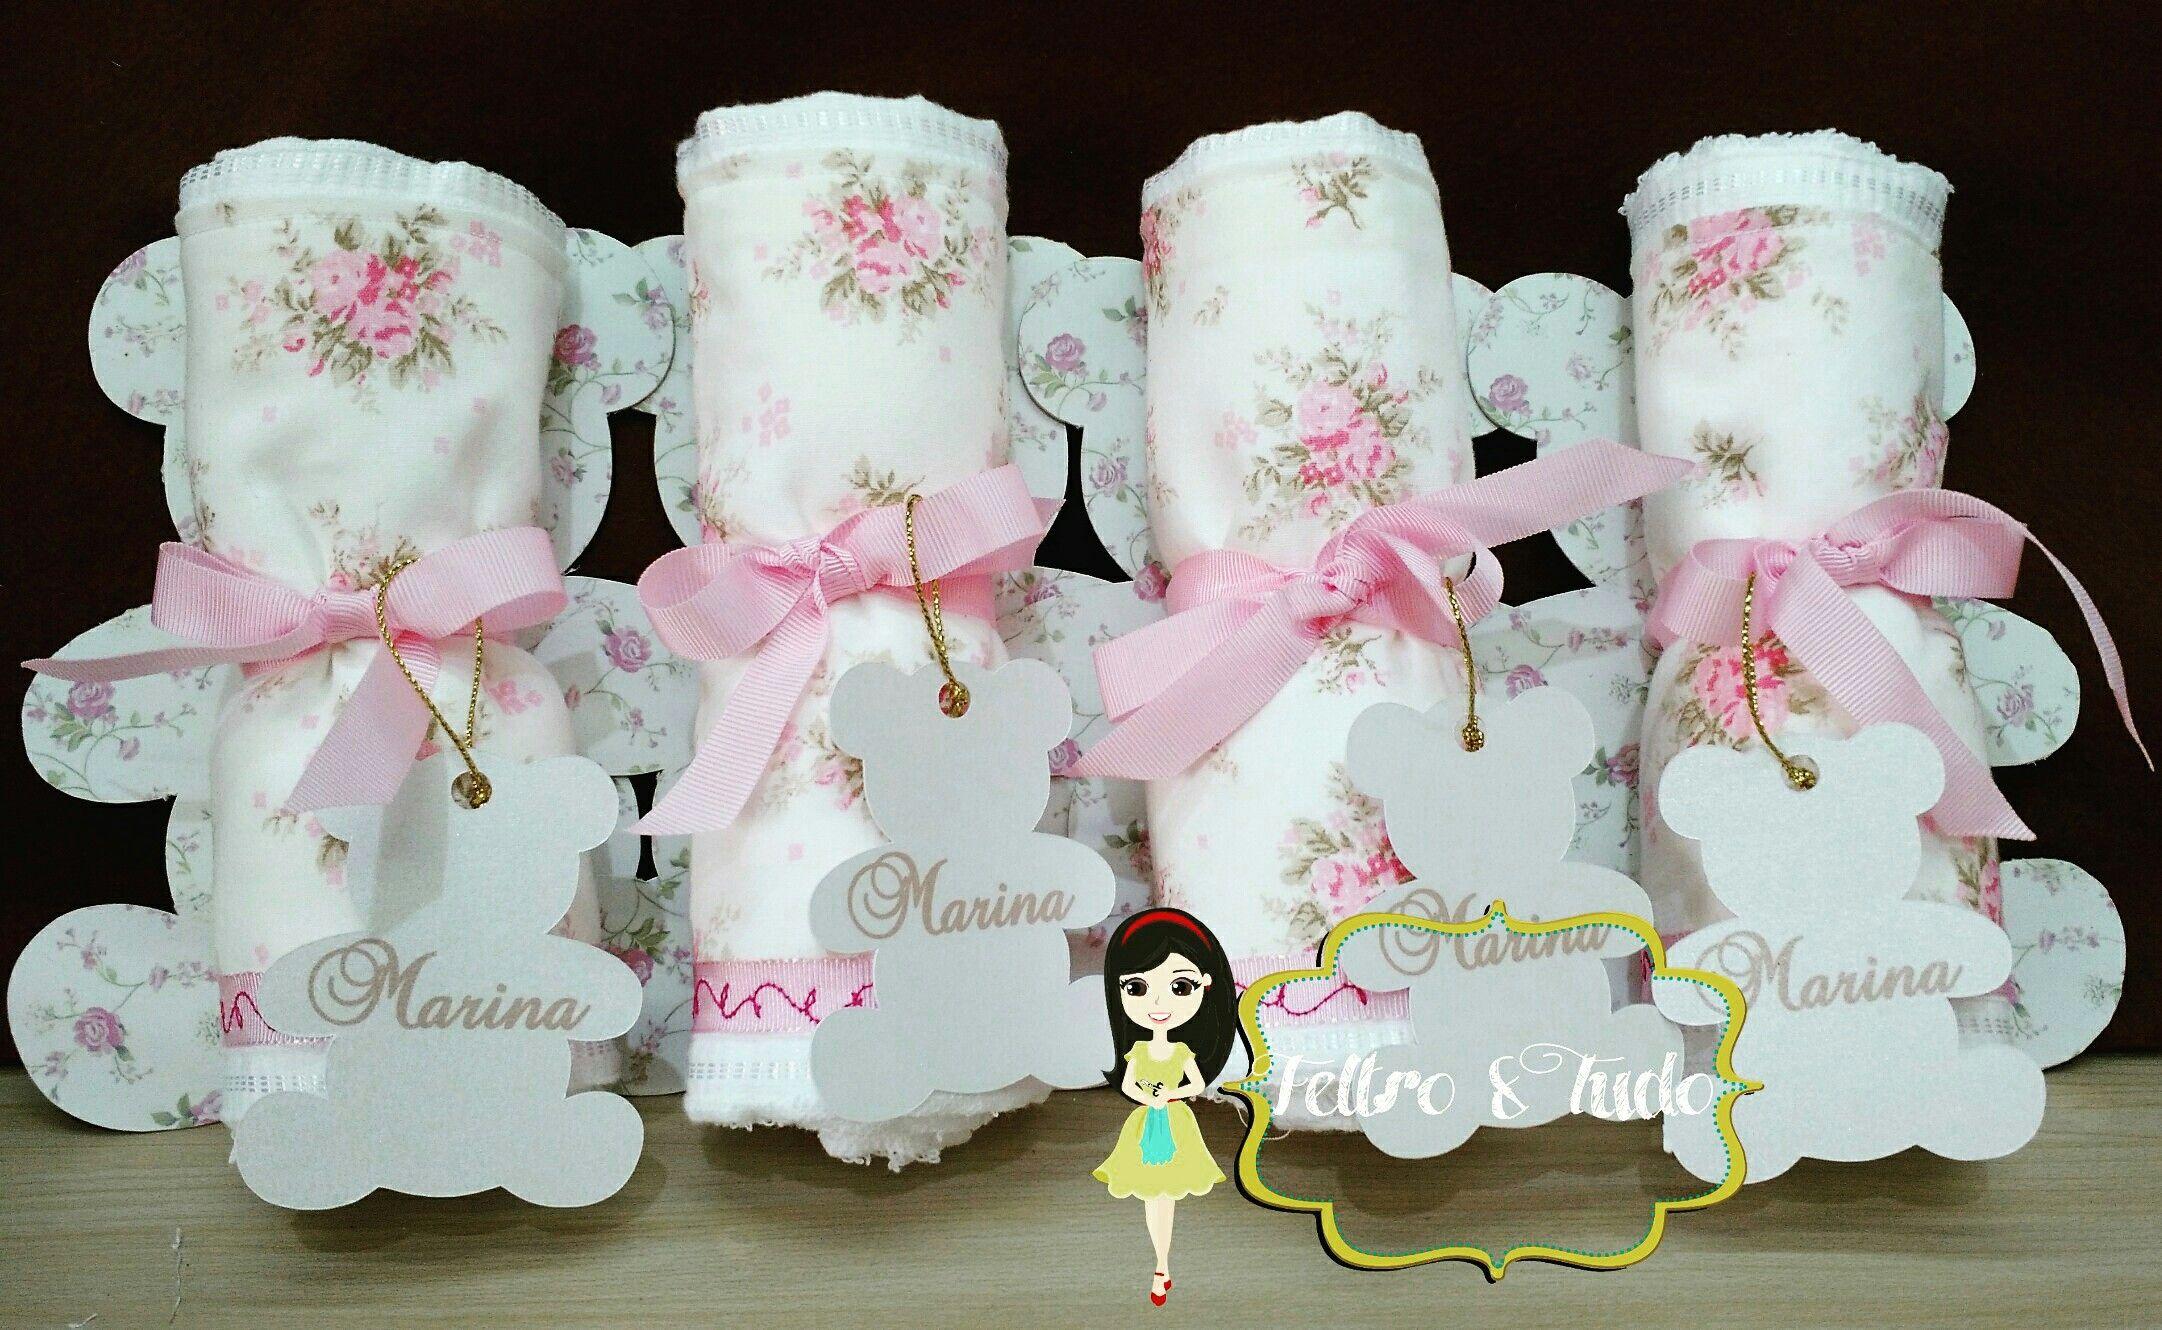 Lembrança de maternidade - toalhinhas personalizadas